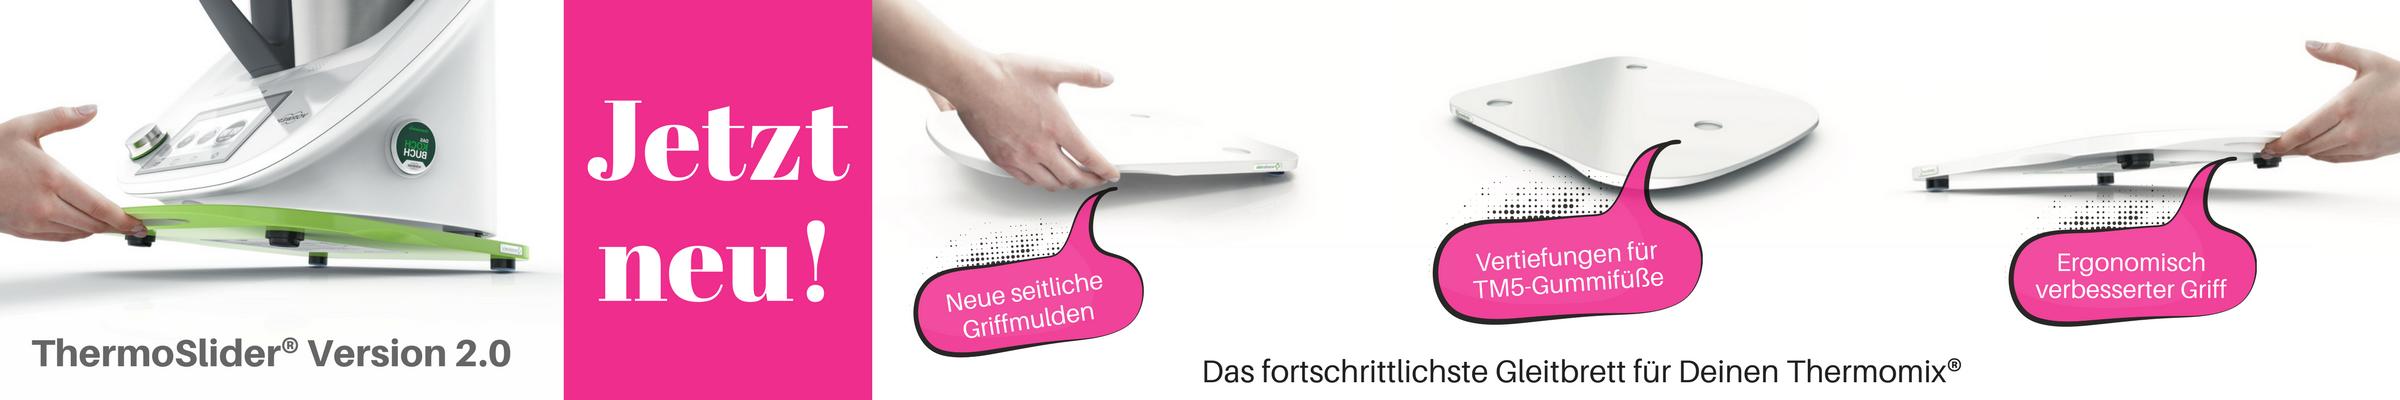 ThermoSlider-V2-Neuerungen-Banner